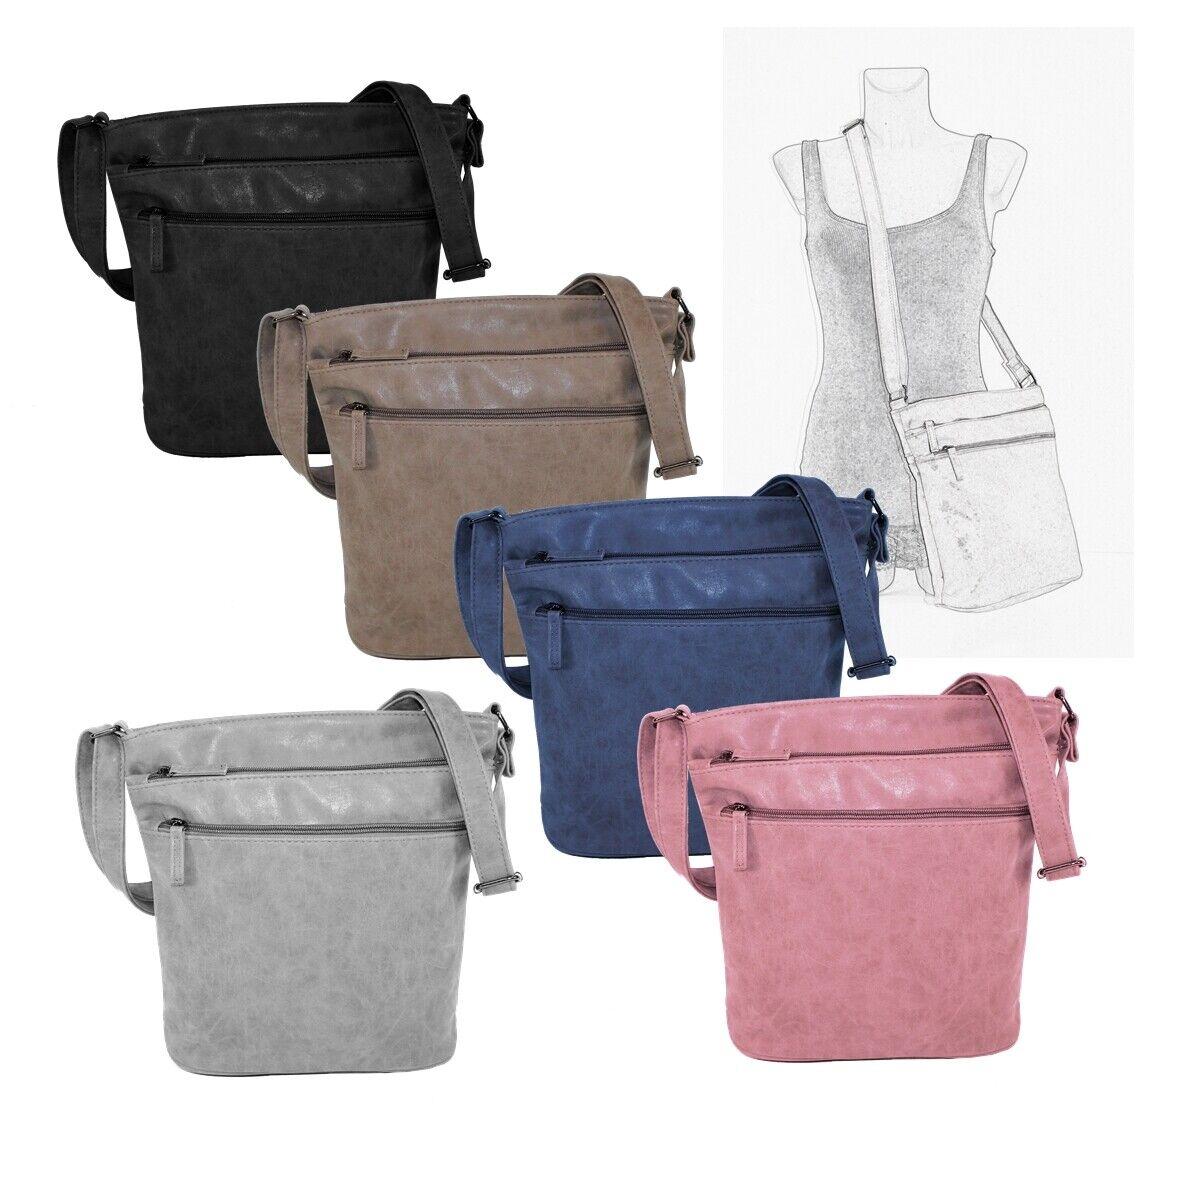 New Bags Umhängetasche Damen Handtasche  mit 2 Vorfächern Crossbag